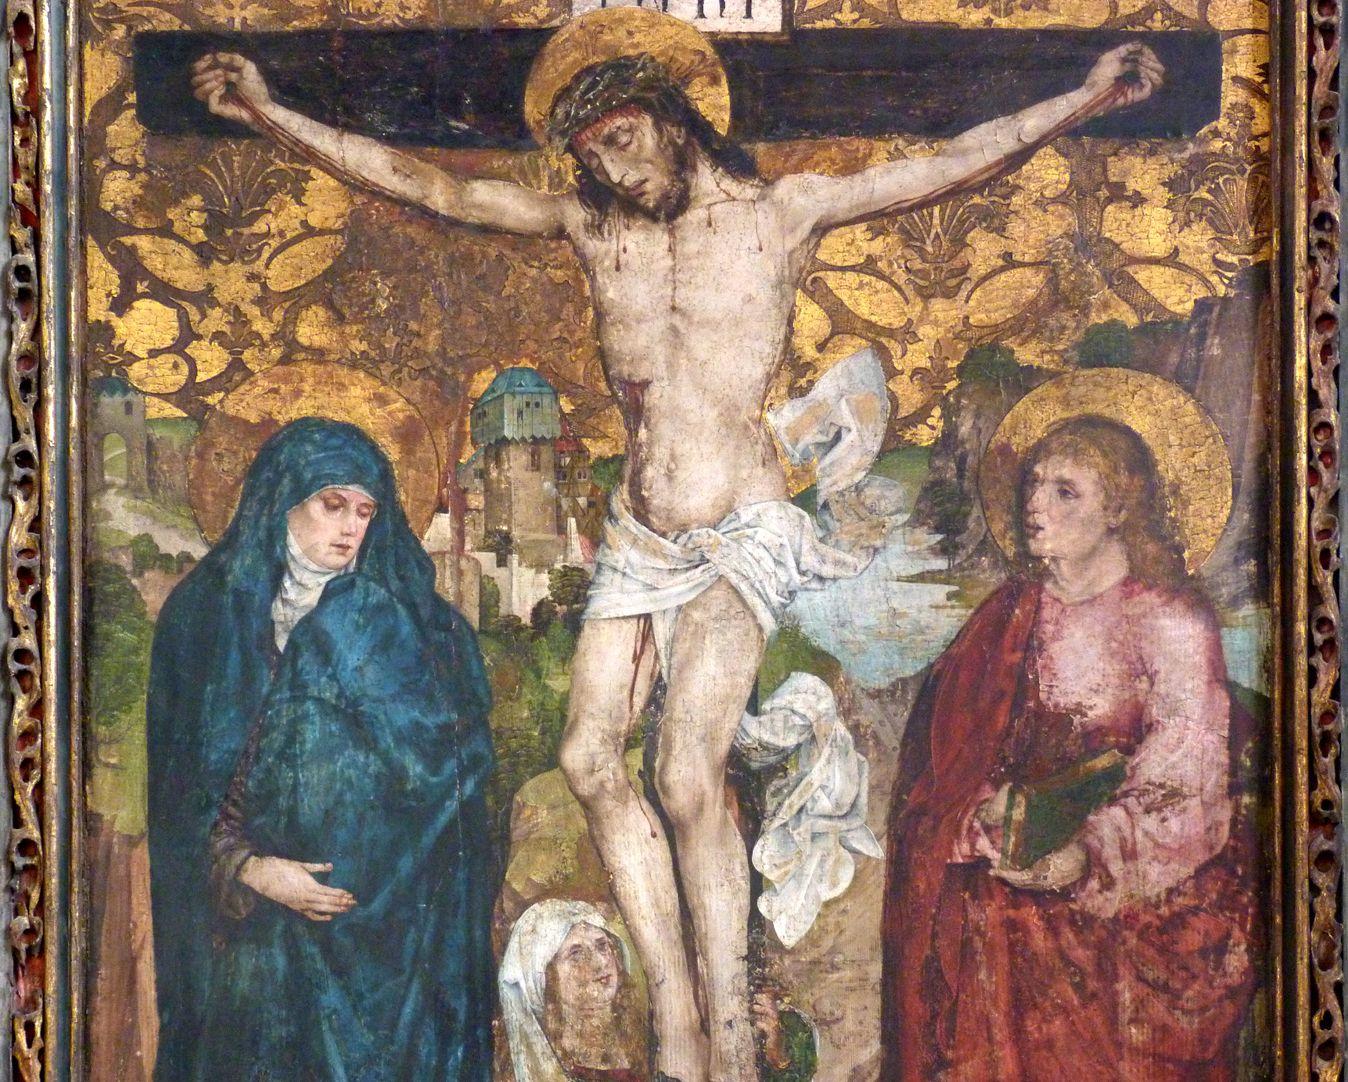 Epitaph der Obernitz Kreuzigung mit Maria, Johannes und Maria Magdalena, Detailansicht